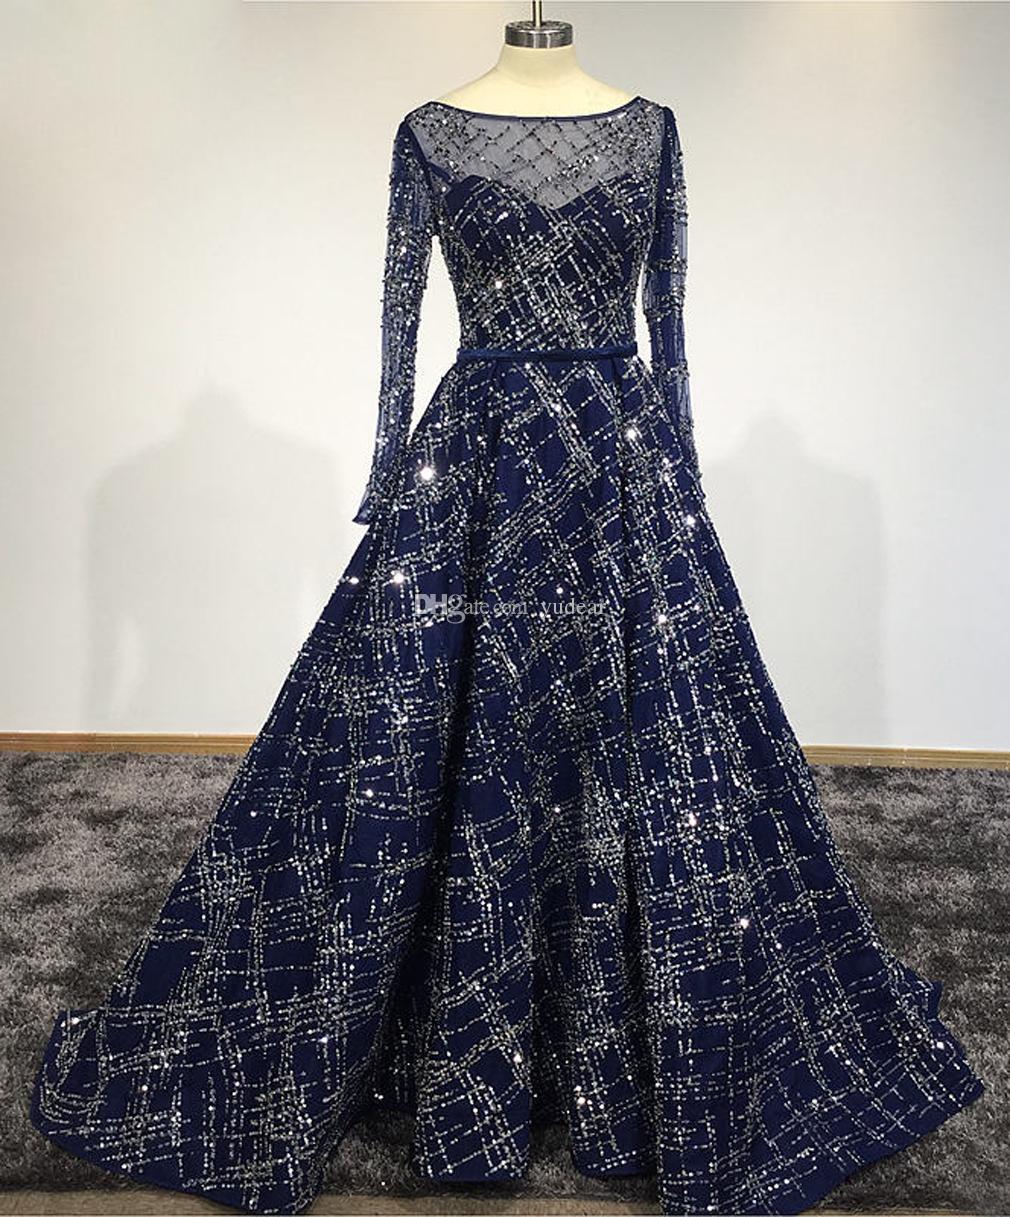 Moda 2019 Seksi Scoop Sheer Boyun Kadın Abiye giyim Shining Lüks Prenses Yıldız Nakış Uzun Kollu Illusion Elbiseler için Pageant Sıcak